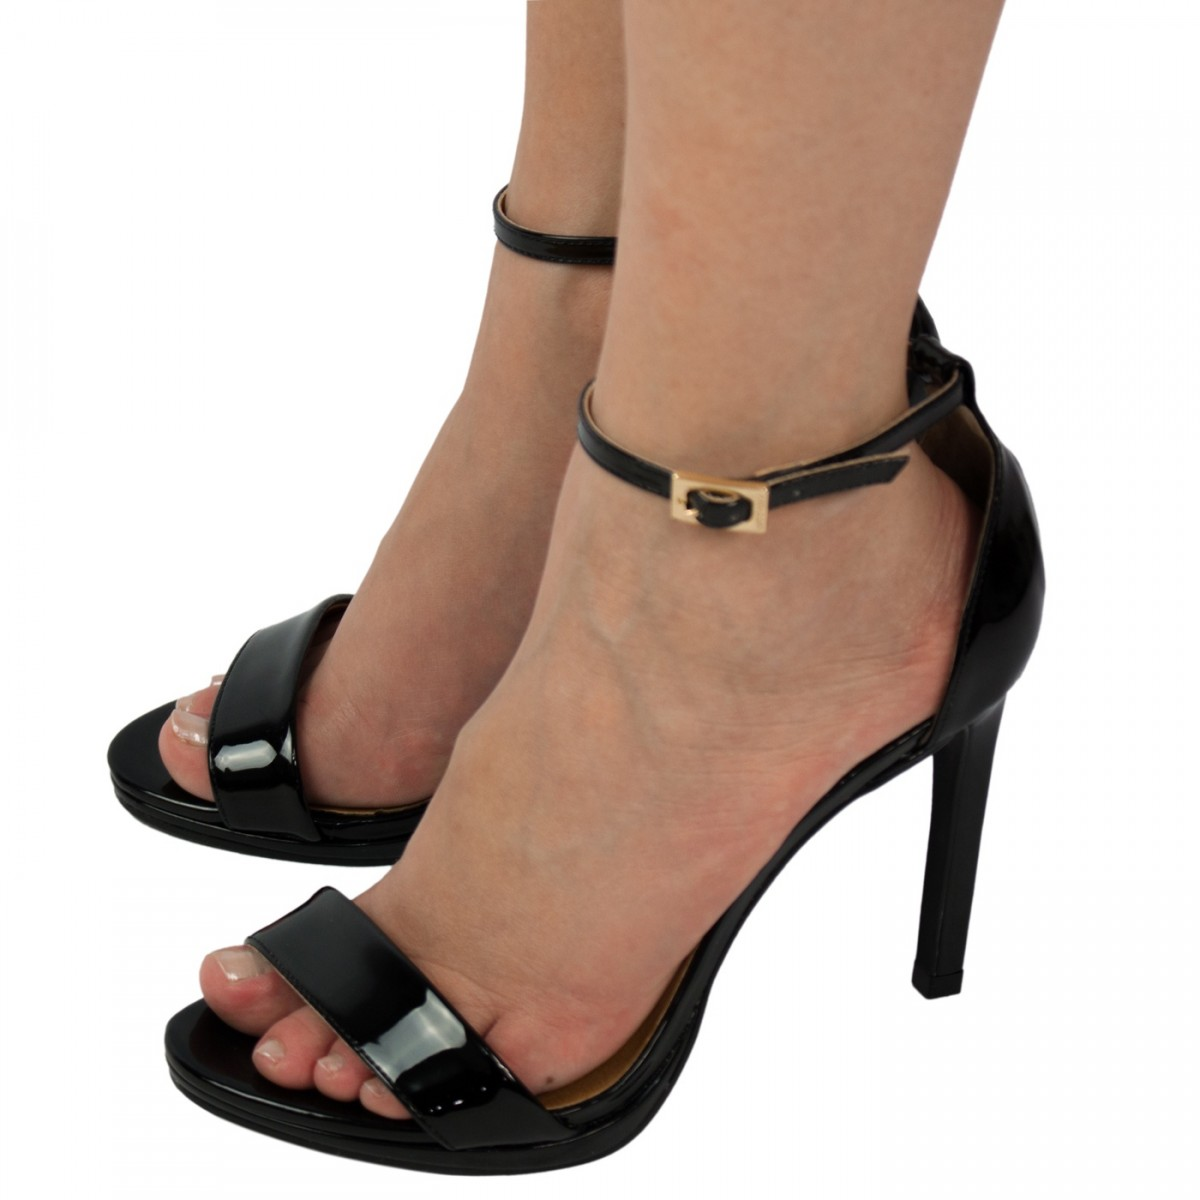 567110862 Bizz Store - Sandália Feminina Luz da Lua Preta Dourada Salto Alto